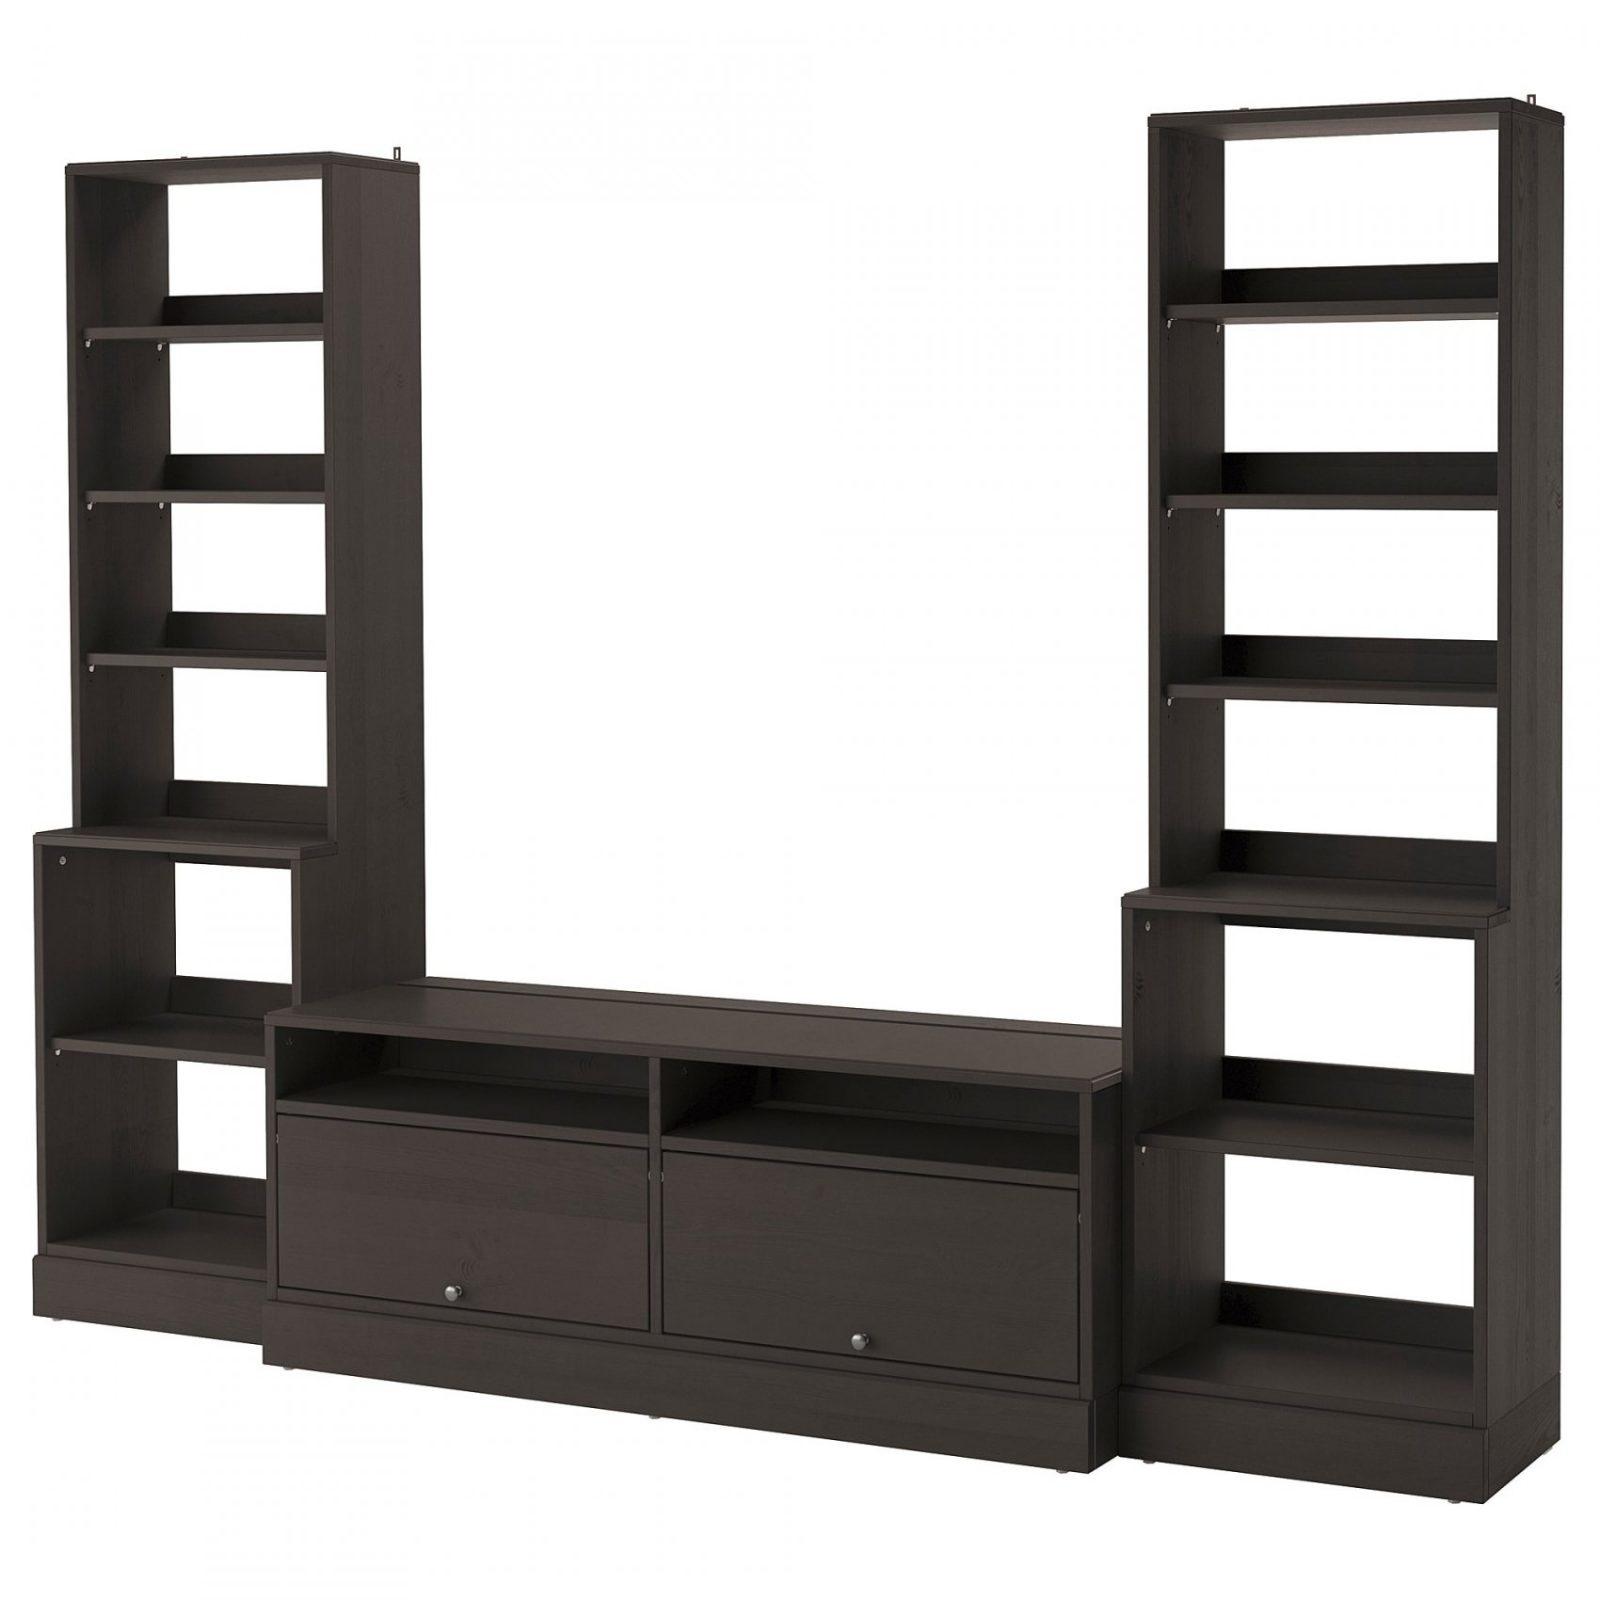 Meuble Chaine Hifi Ikea   Plan De Maison pour Meuble Tv Scandinave Pas Cher